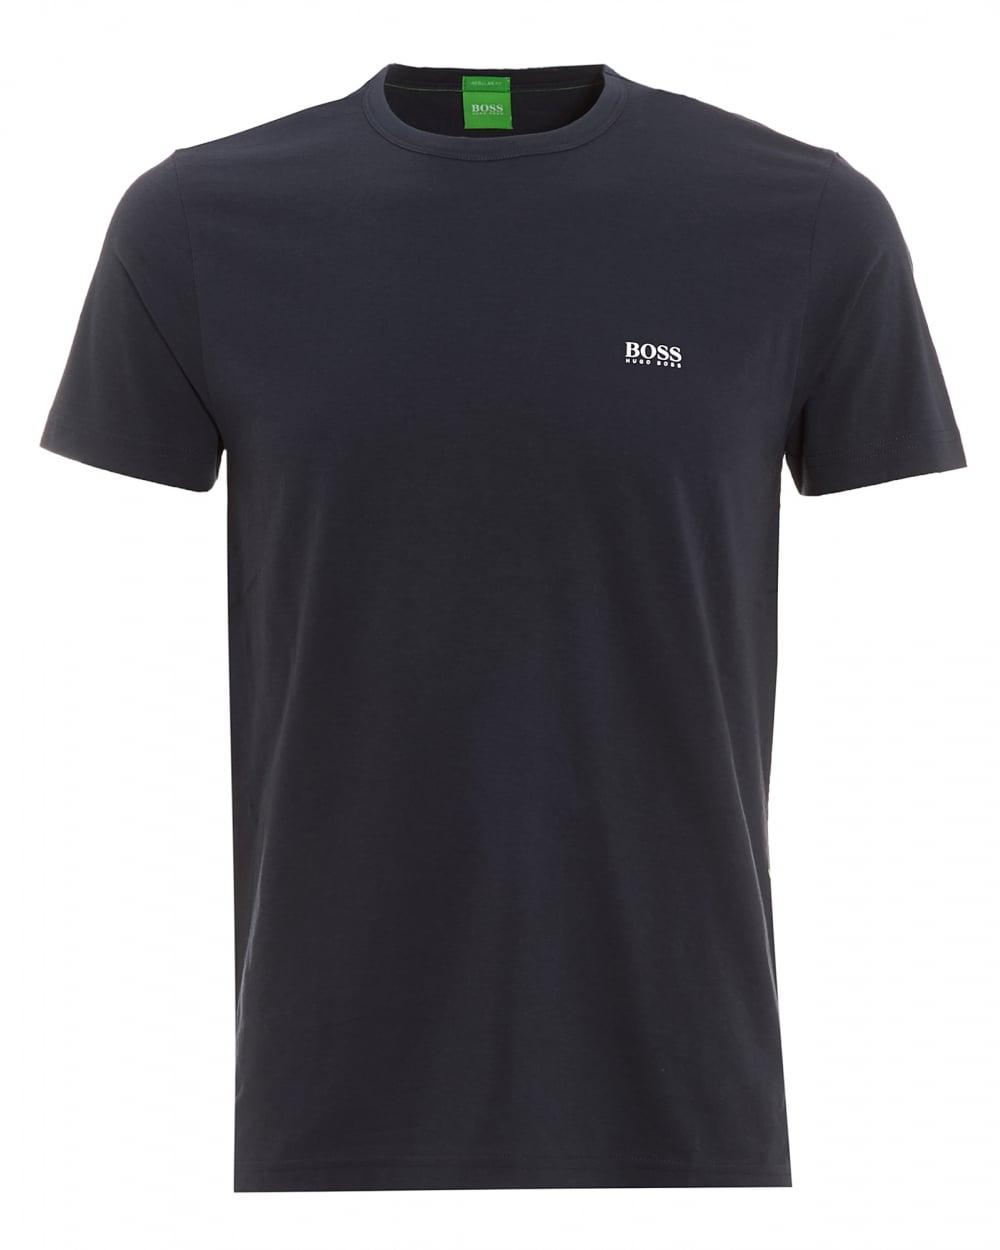 Hugo boss green mens tee navy blue plain logo t shirt for Hugo boss navy shirt